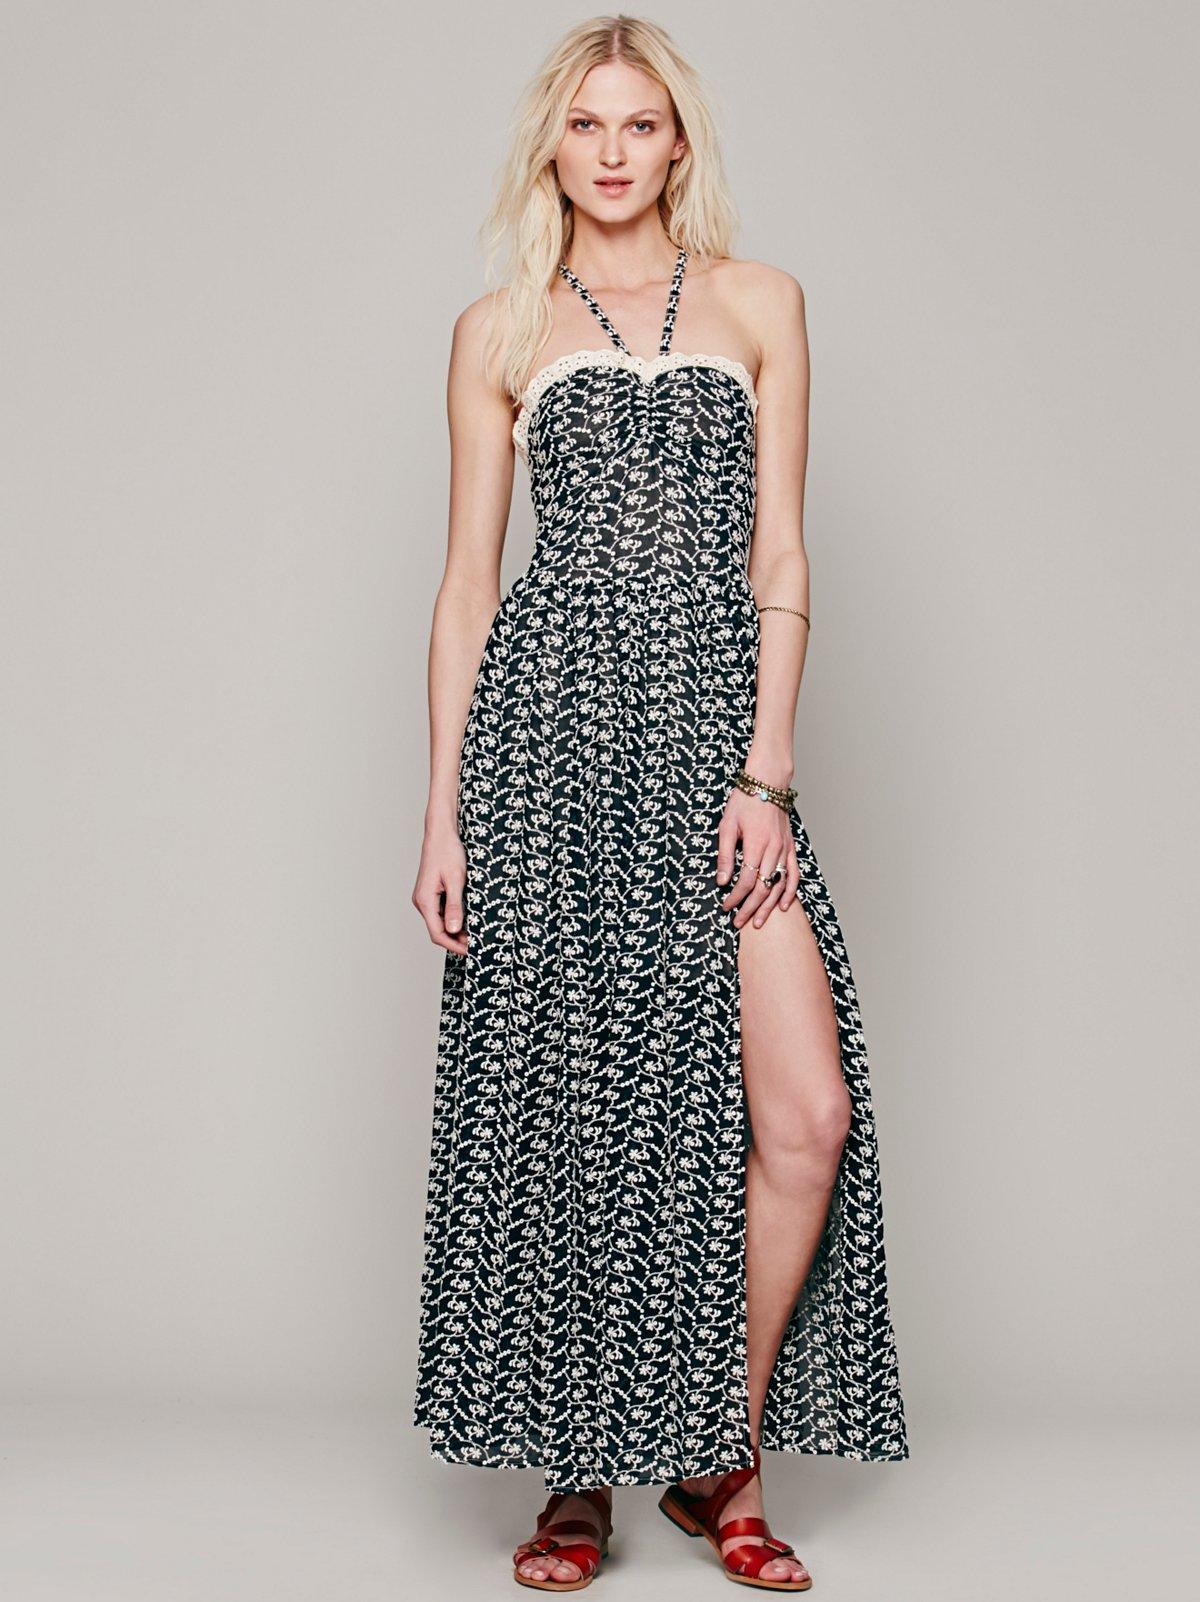 Ana's Day Dress